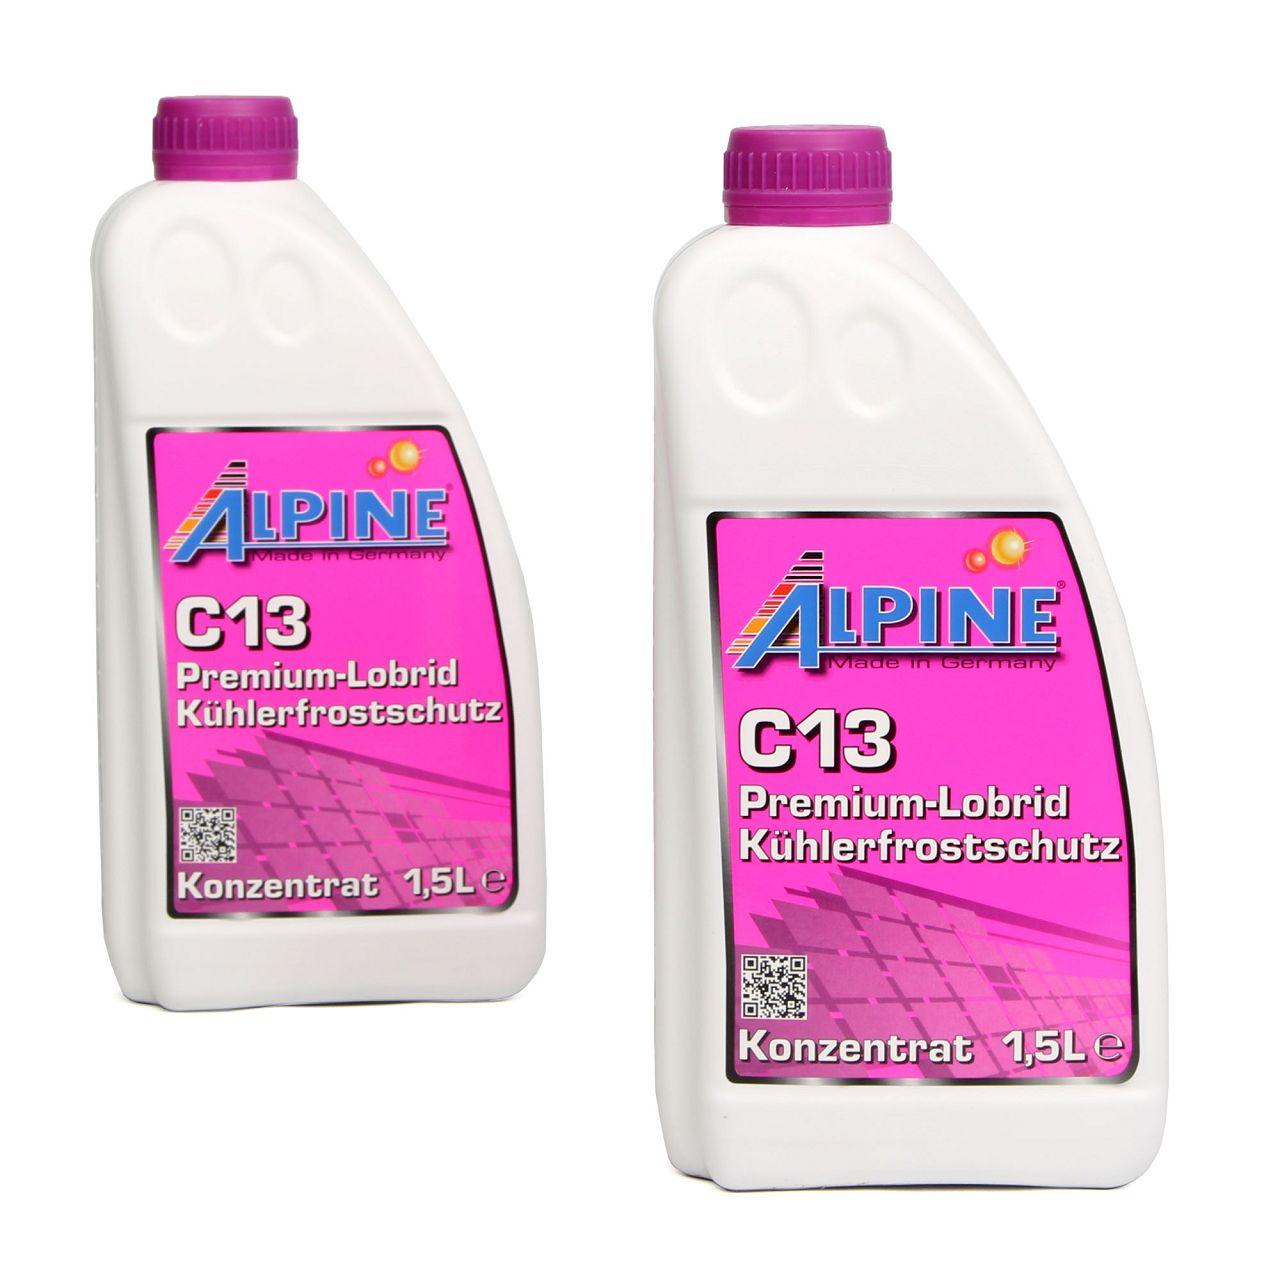 ALPINE Frostschutz PREMIUM Kühlerfrostschutz Konzentrat 3L C13 G13 VIOLETT